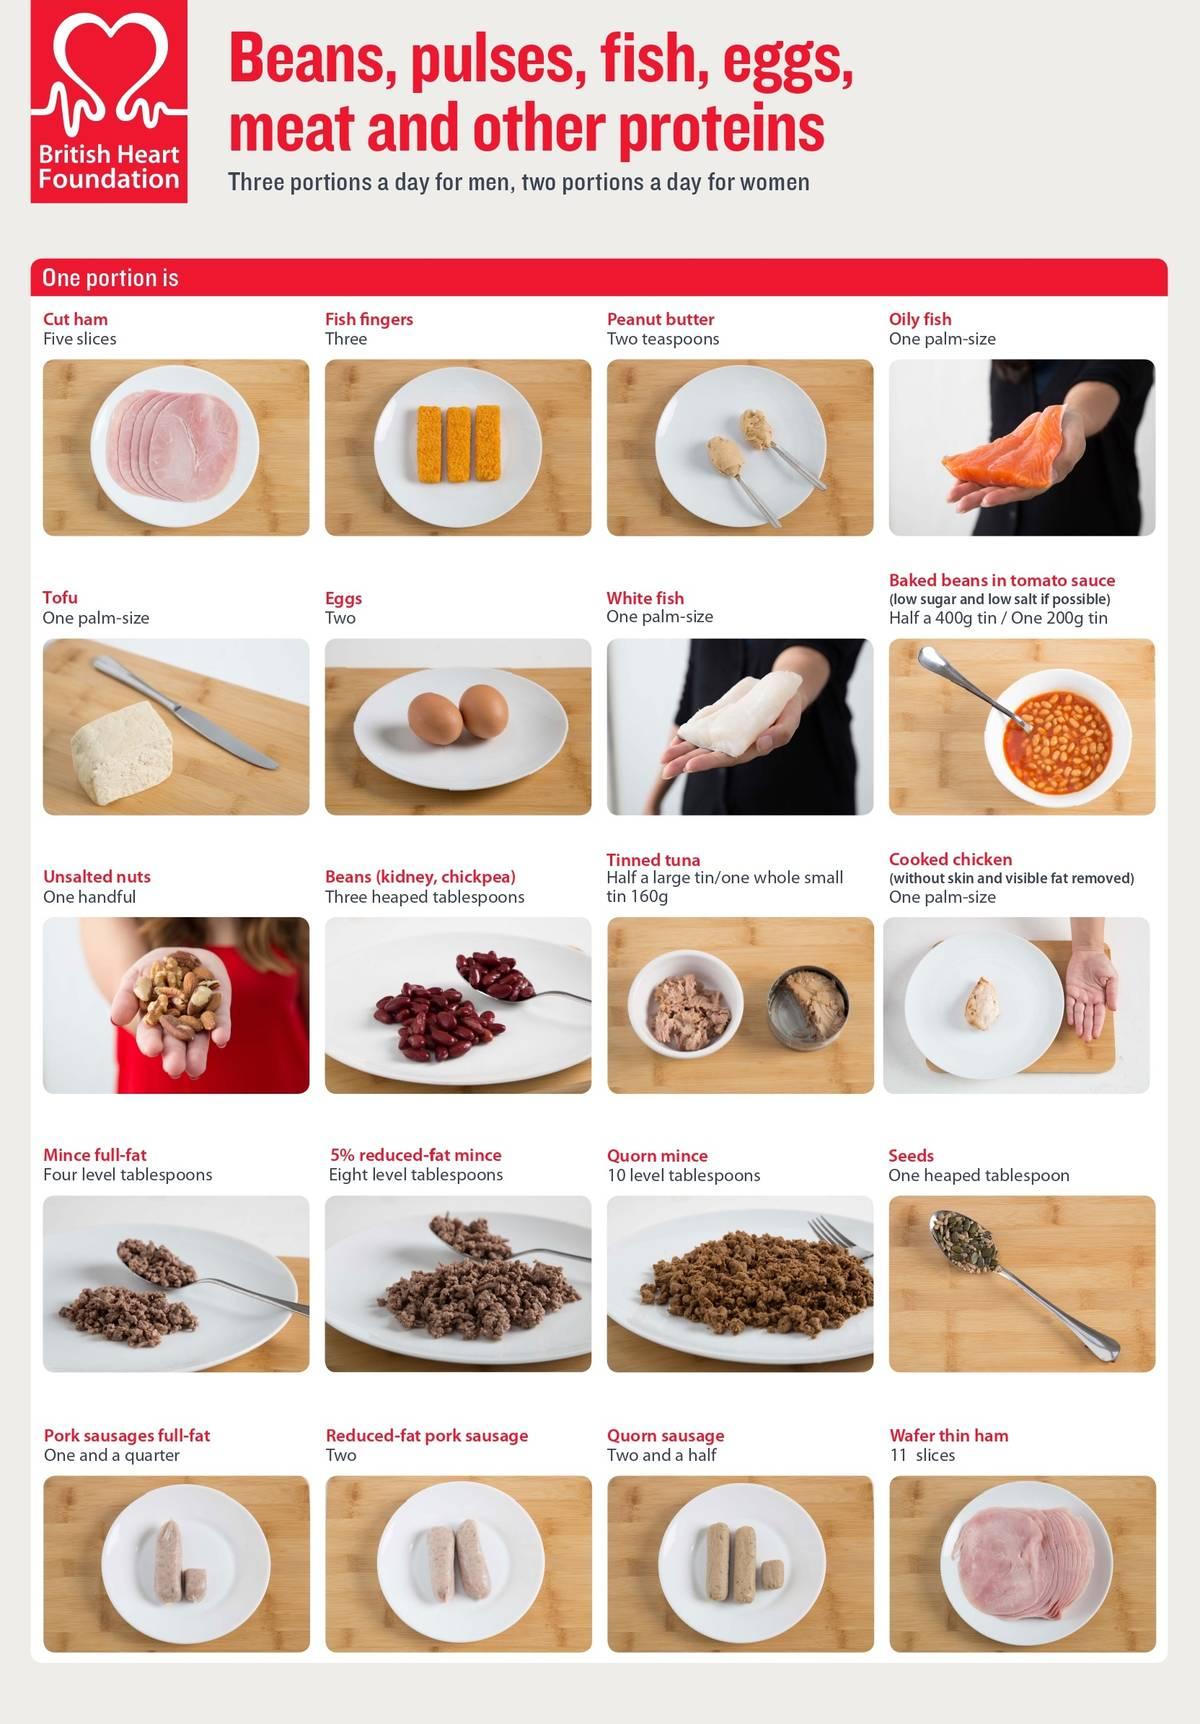 Вот как выглядит одна порция белка изразных продуктов. Источник: Британский фонд сердца